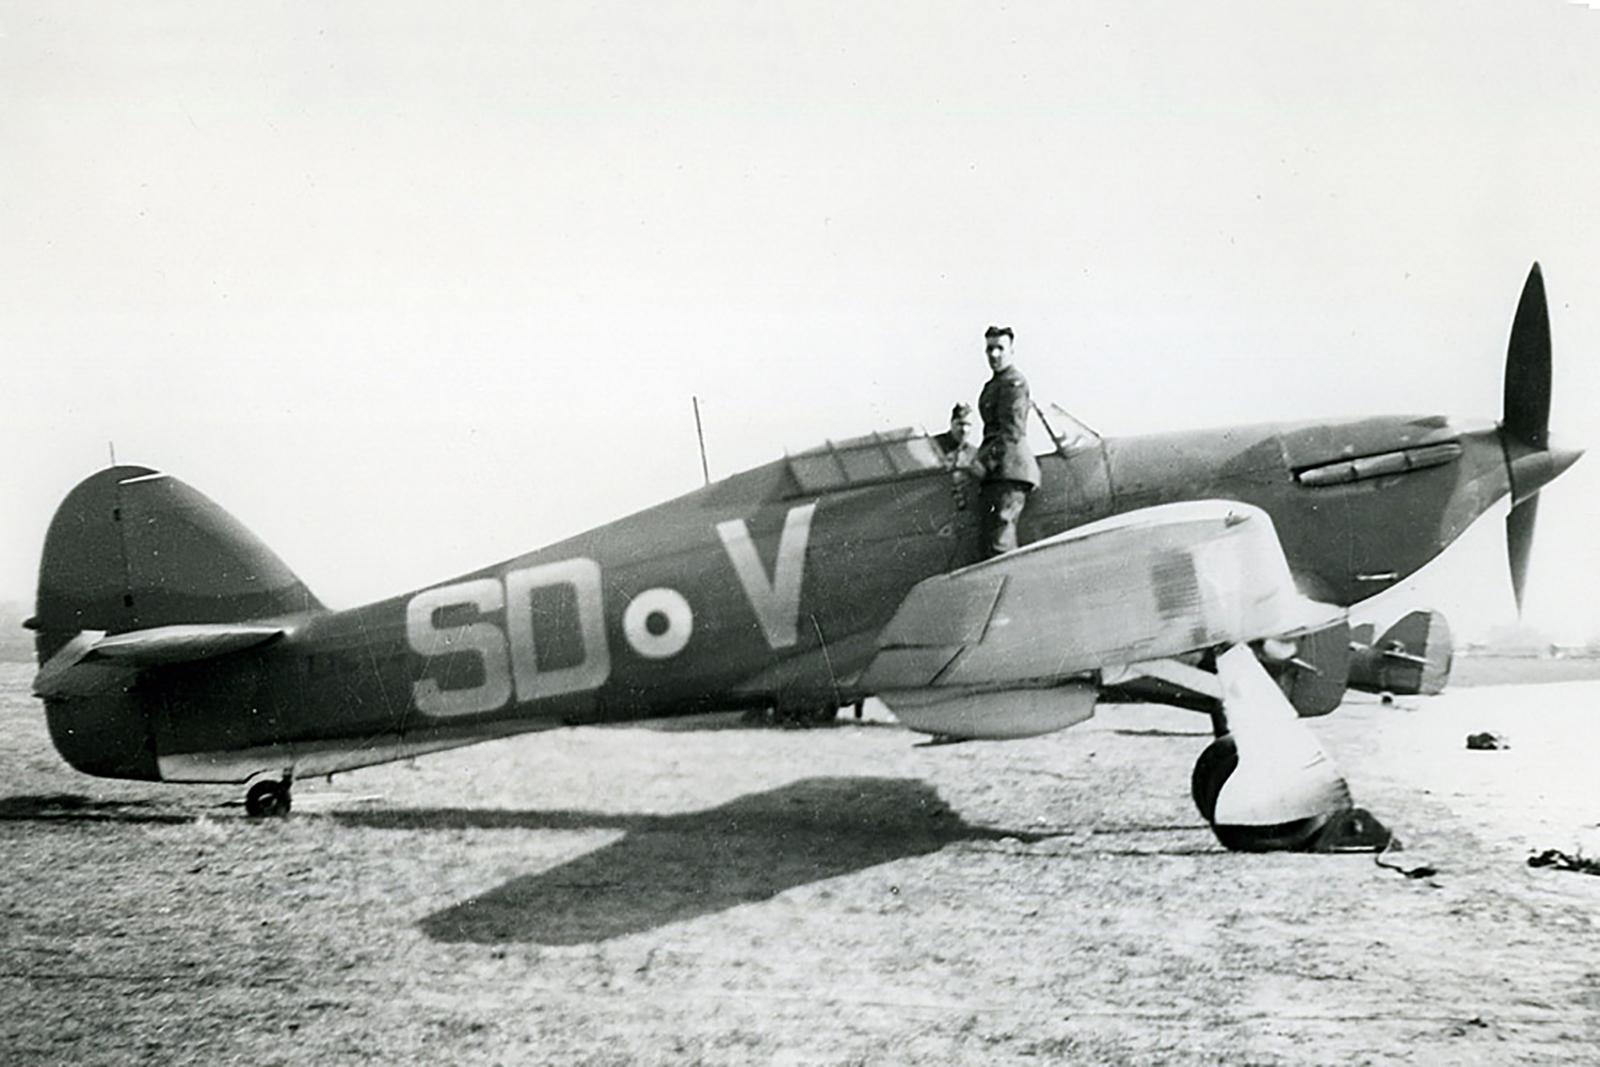 Hawker Hurricane I RAF 501Sqn SDV L1659 at RAF Tangmere in early 1940 01